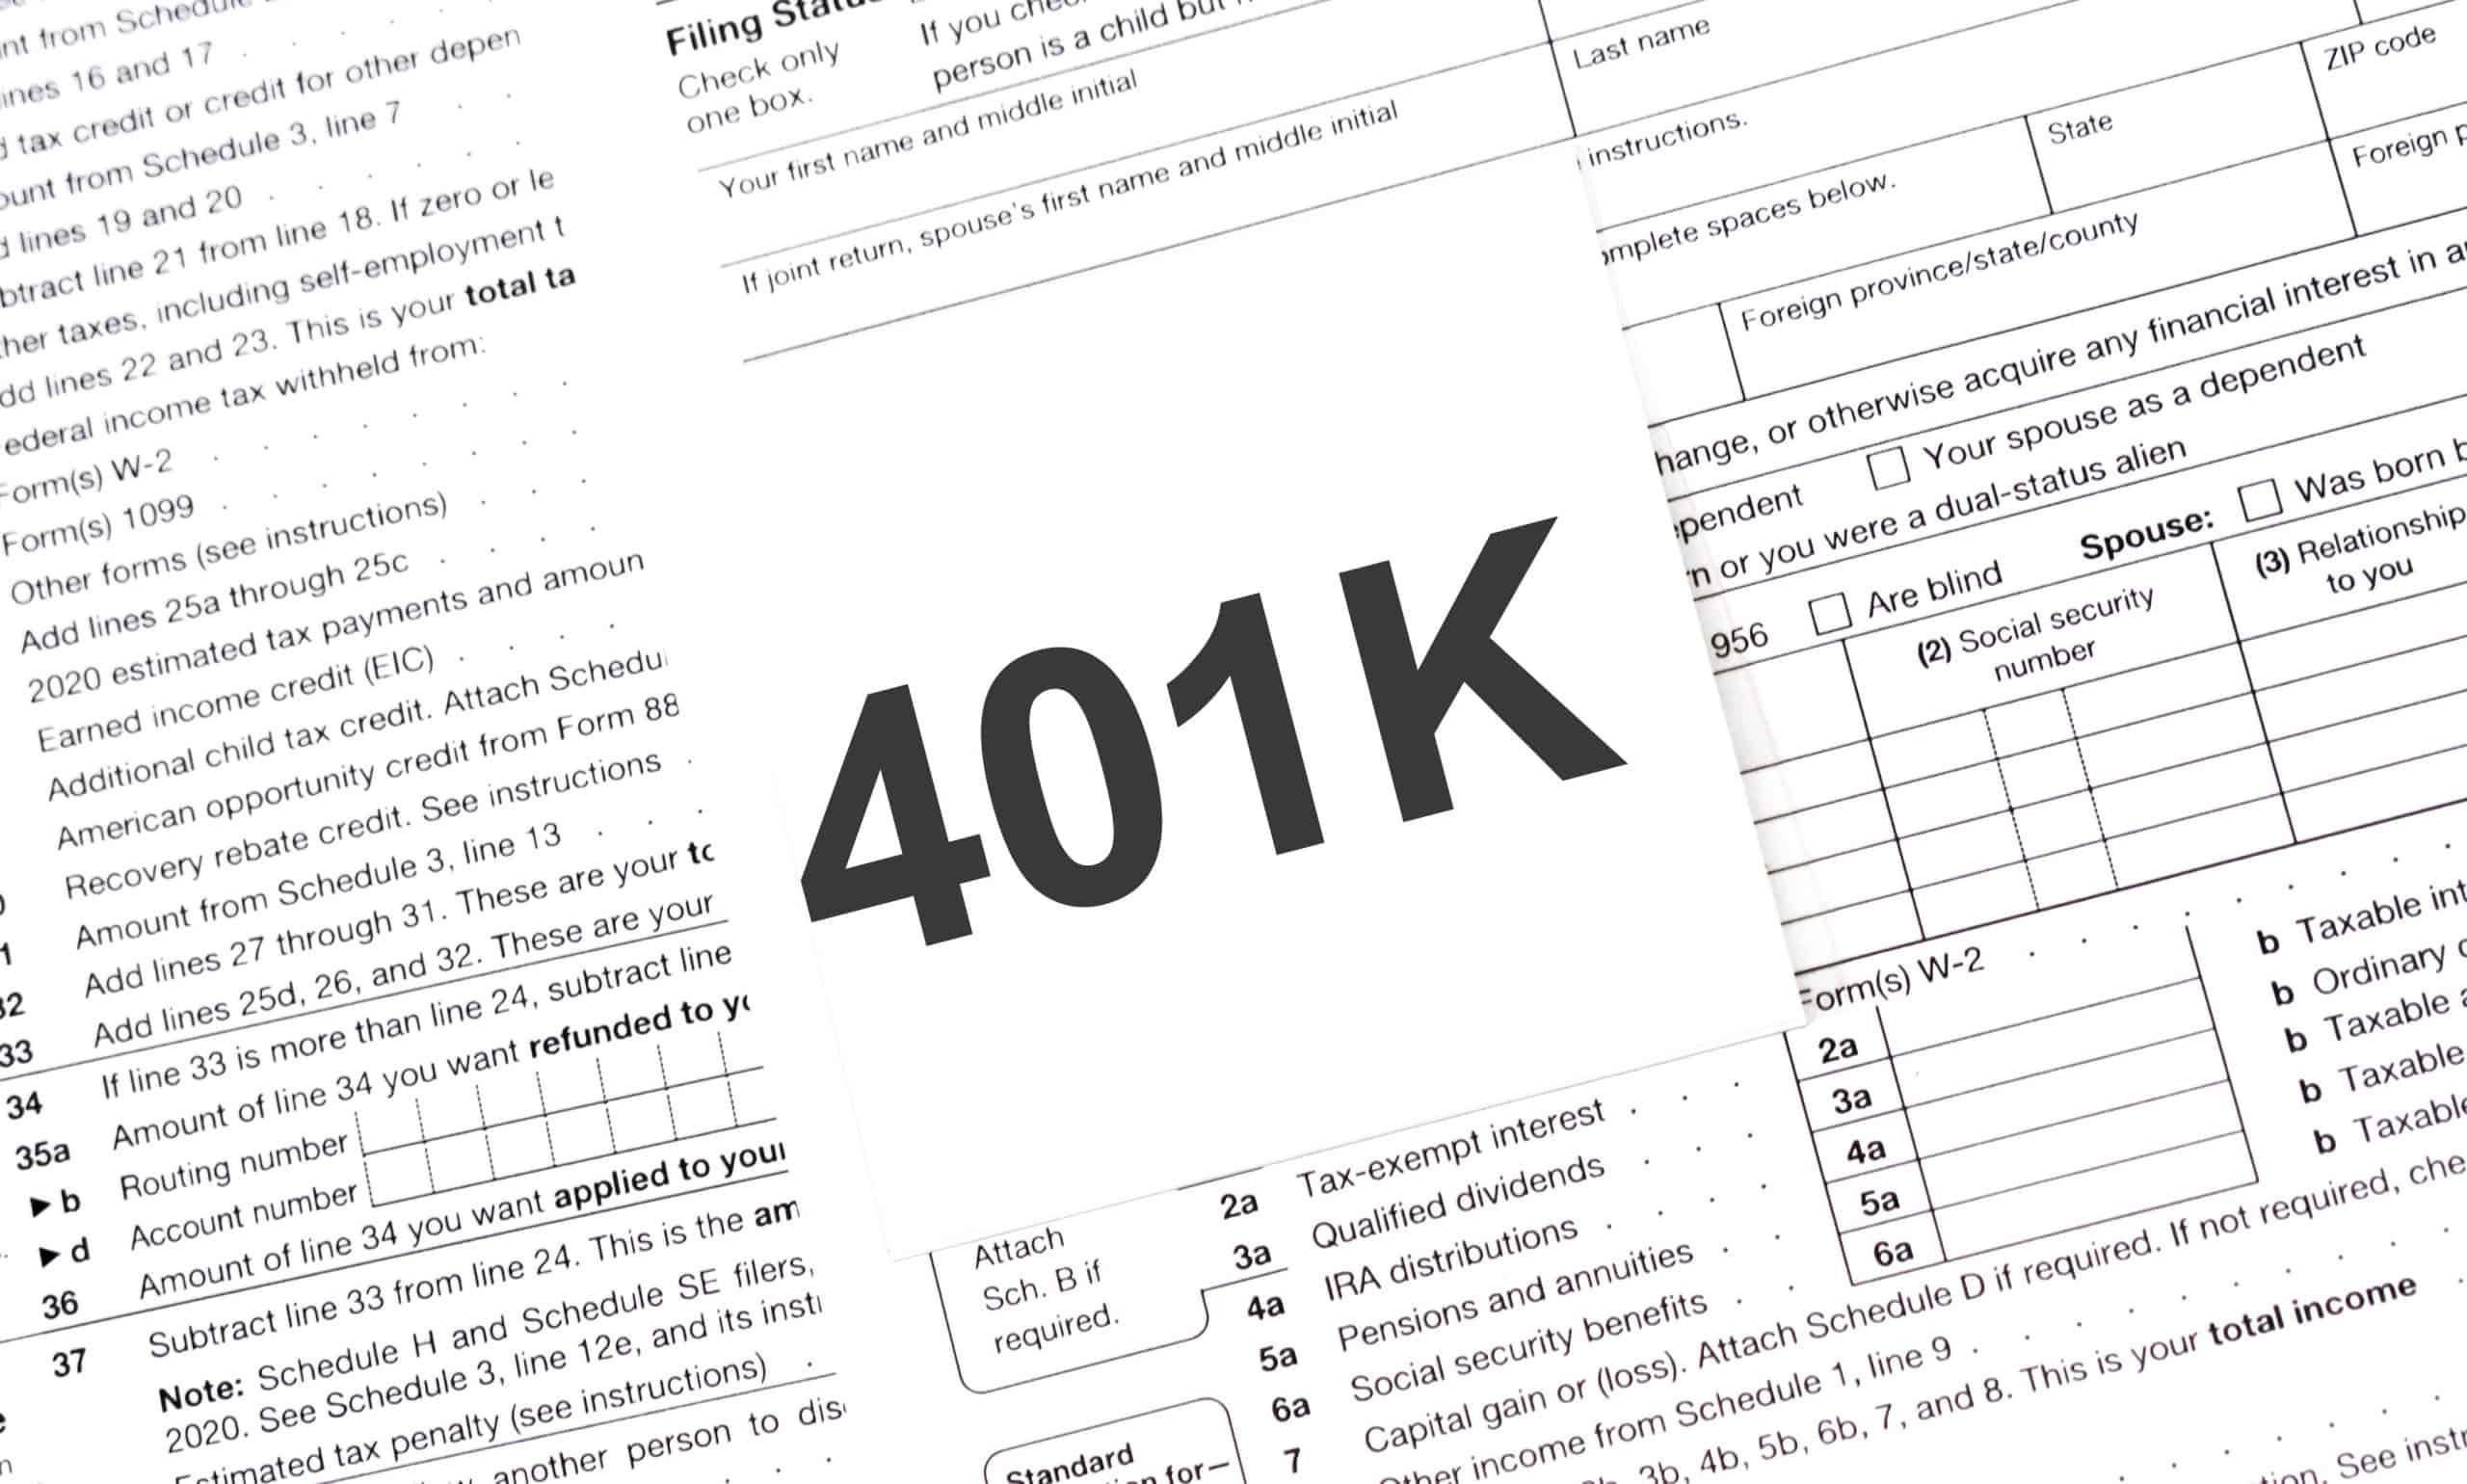 2021 Solo 401k Establishment Deadline